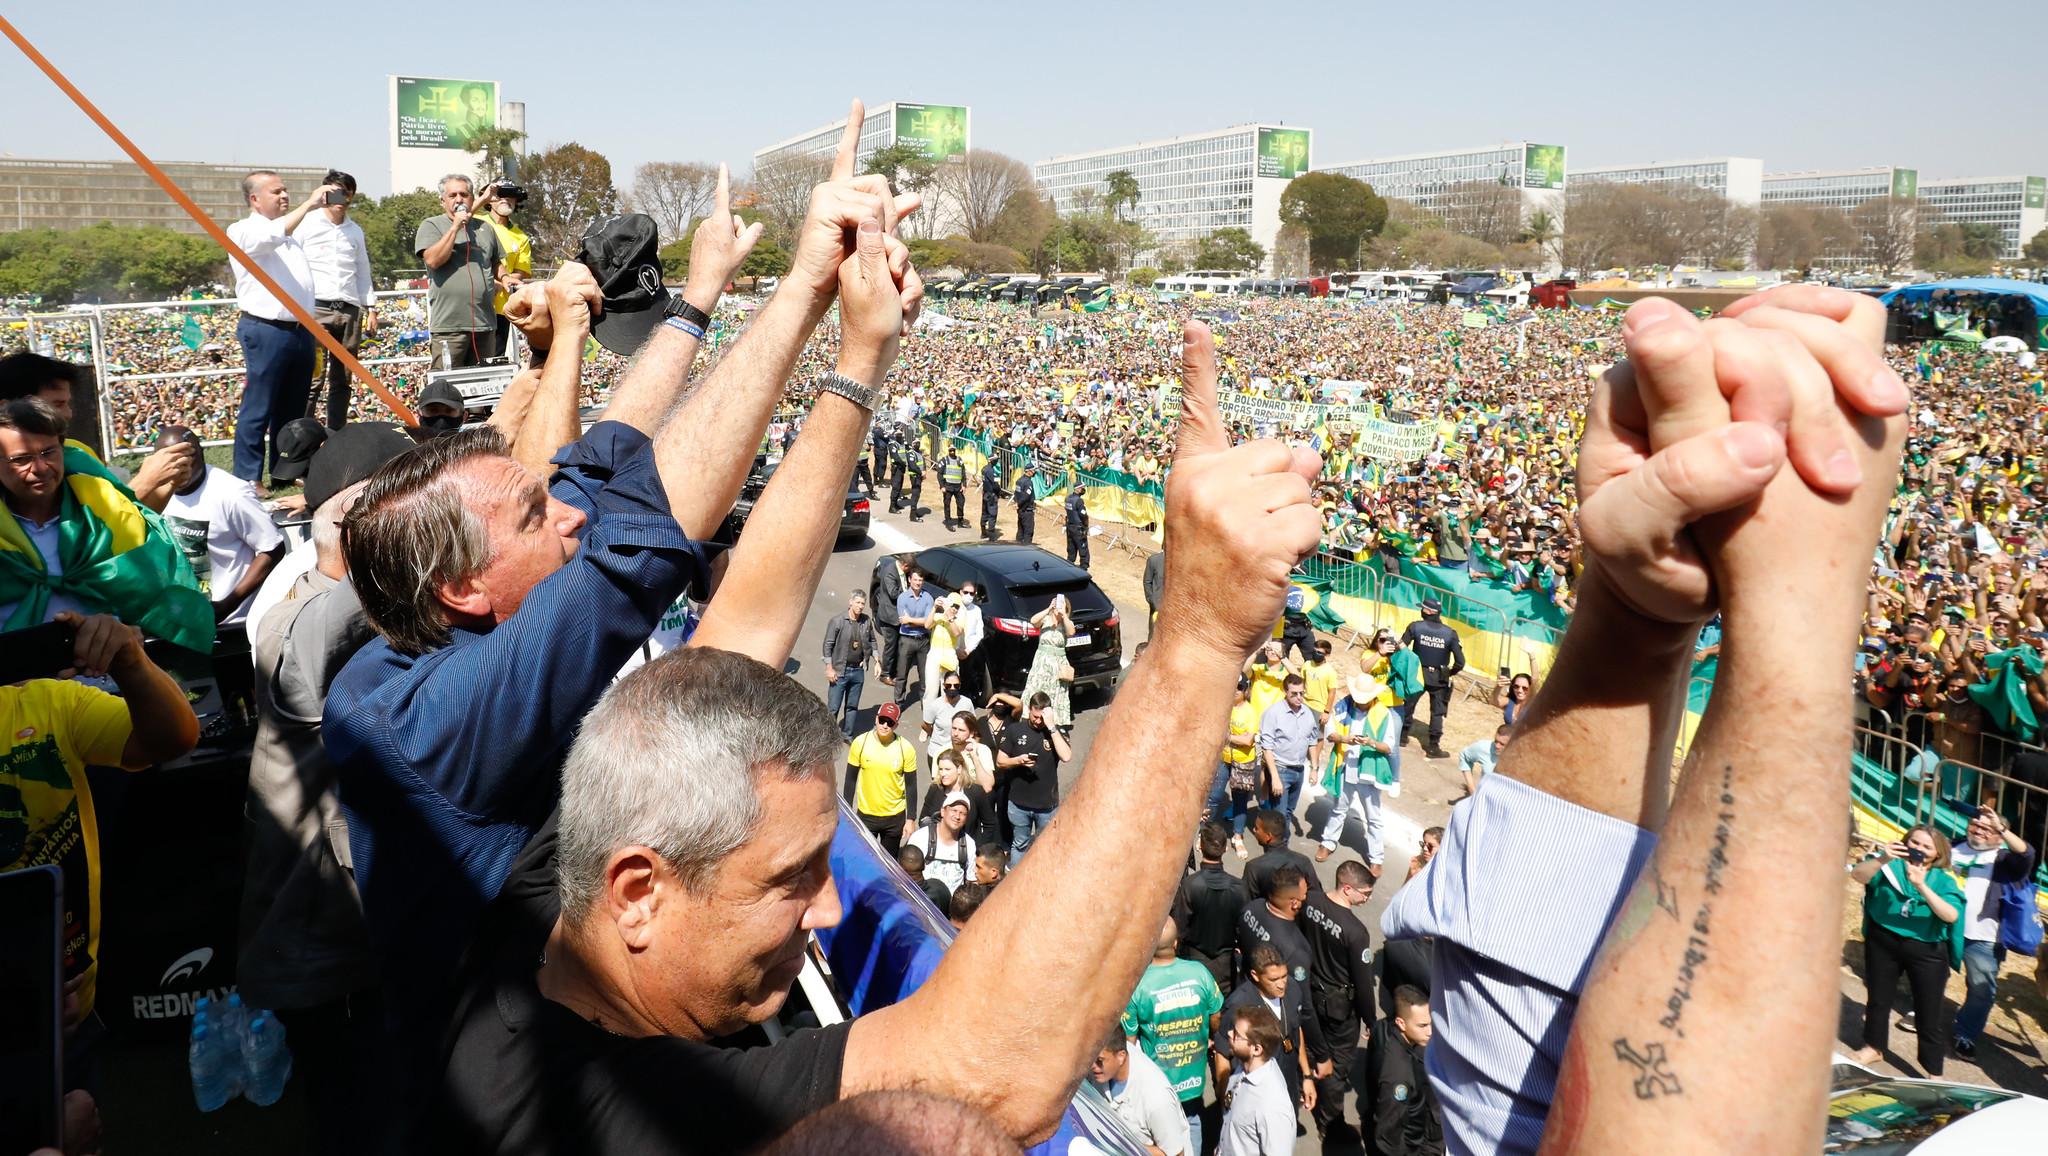 IMAGEM: Datafolha: 66% acham que atos bolsonaristas ameaçam democracia